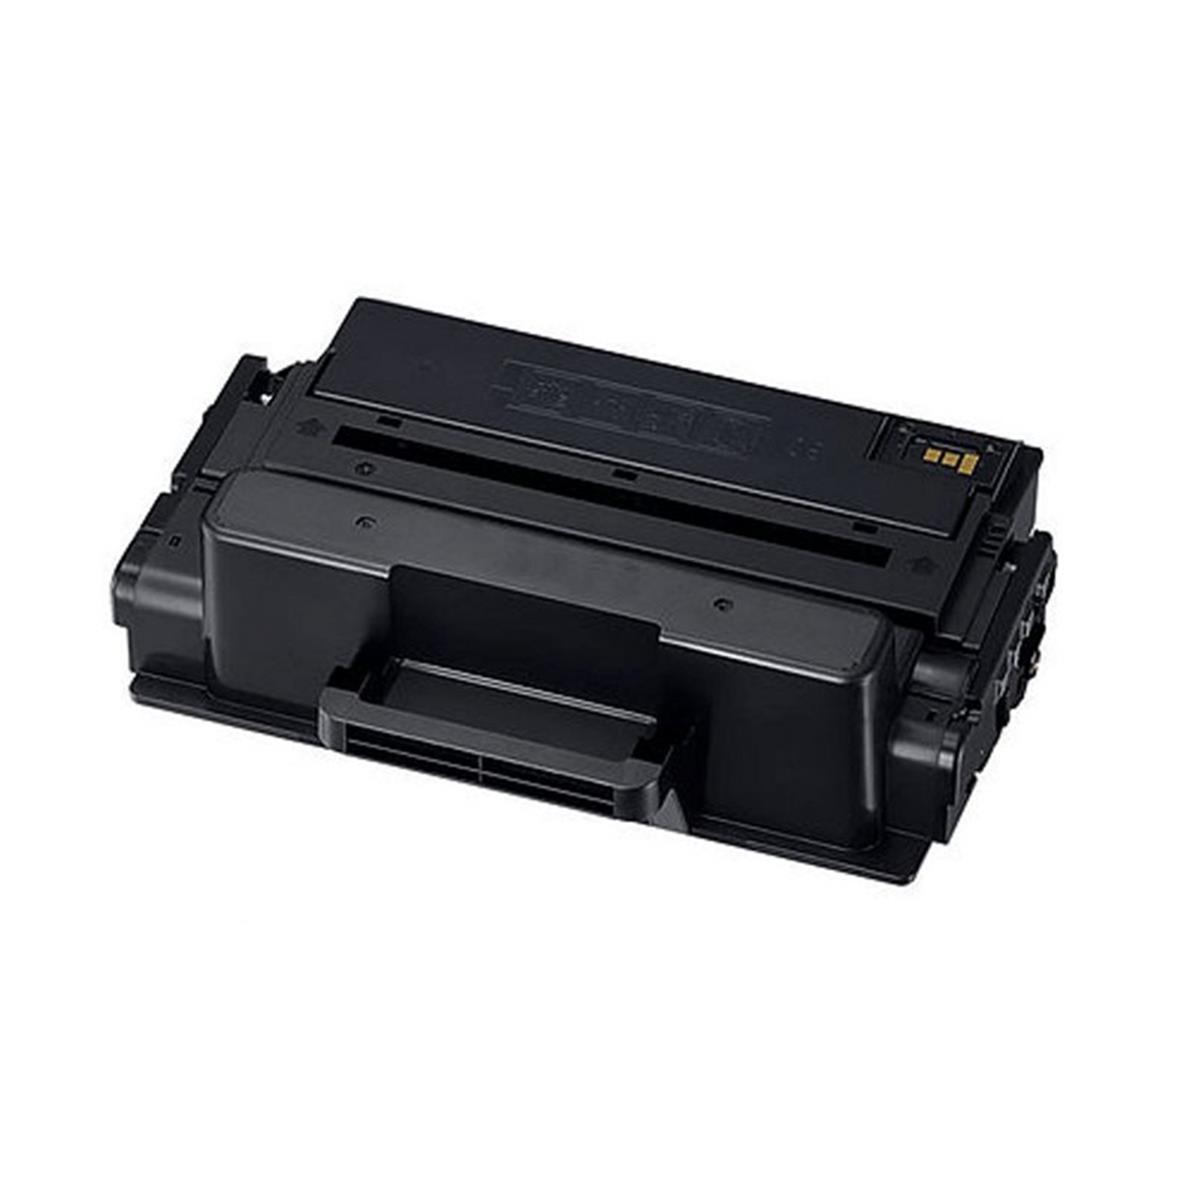 Toner Compatível Samsung MLT-D201L D201 | M4080FX M4080 4080FX | Importado 20k